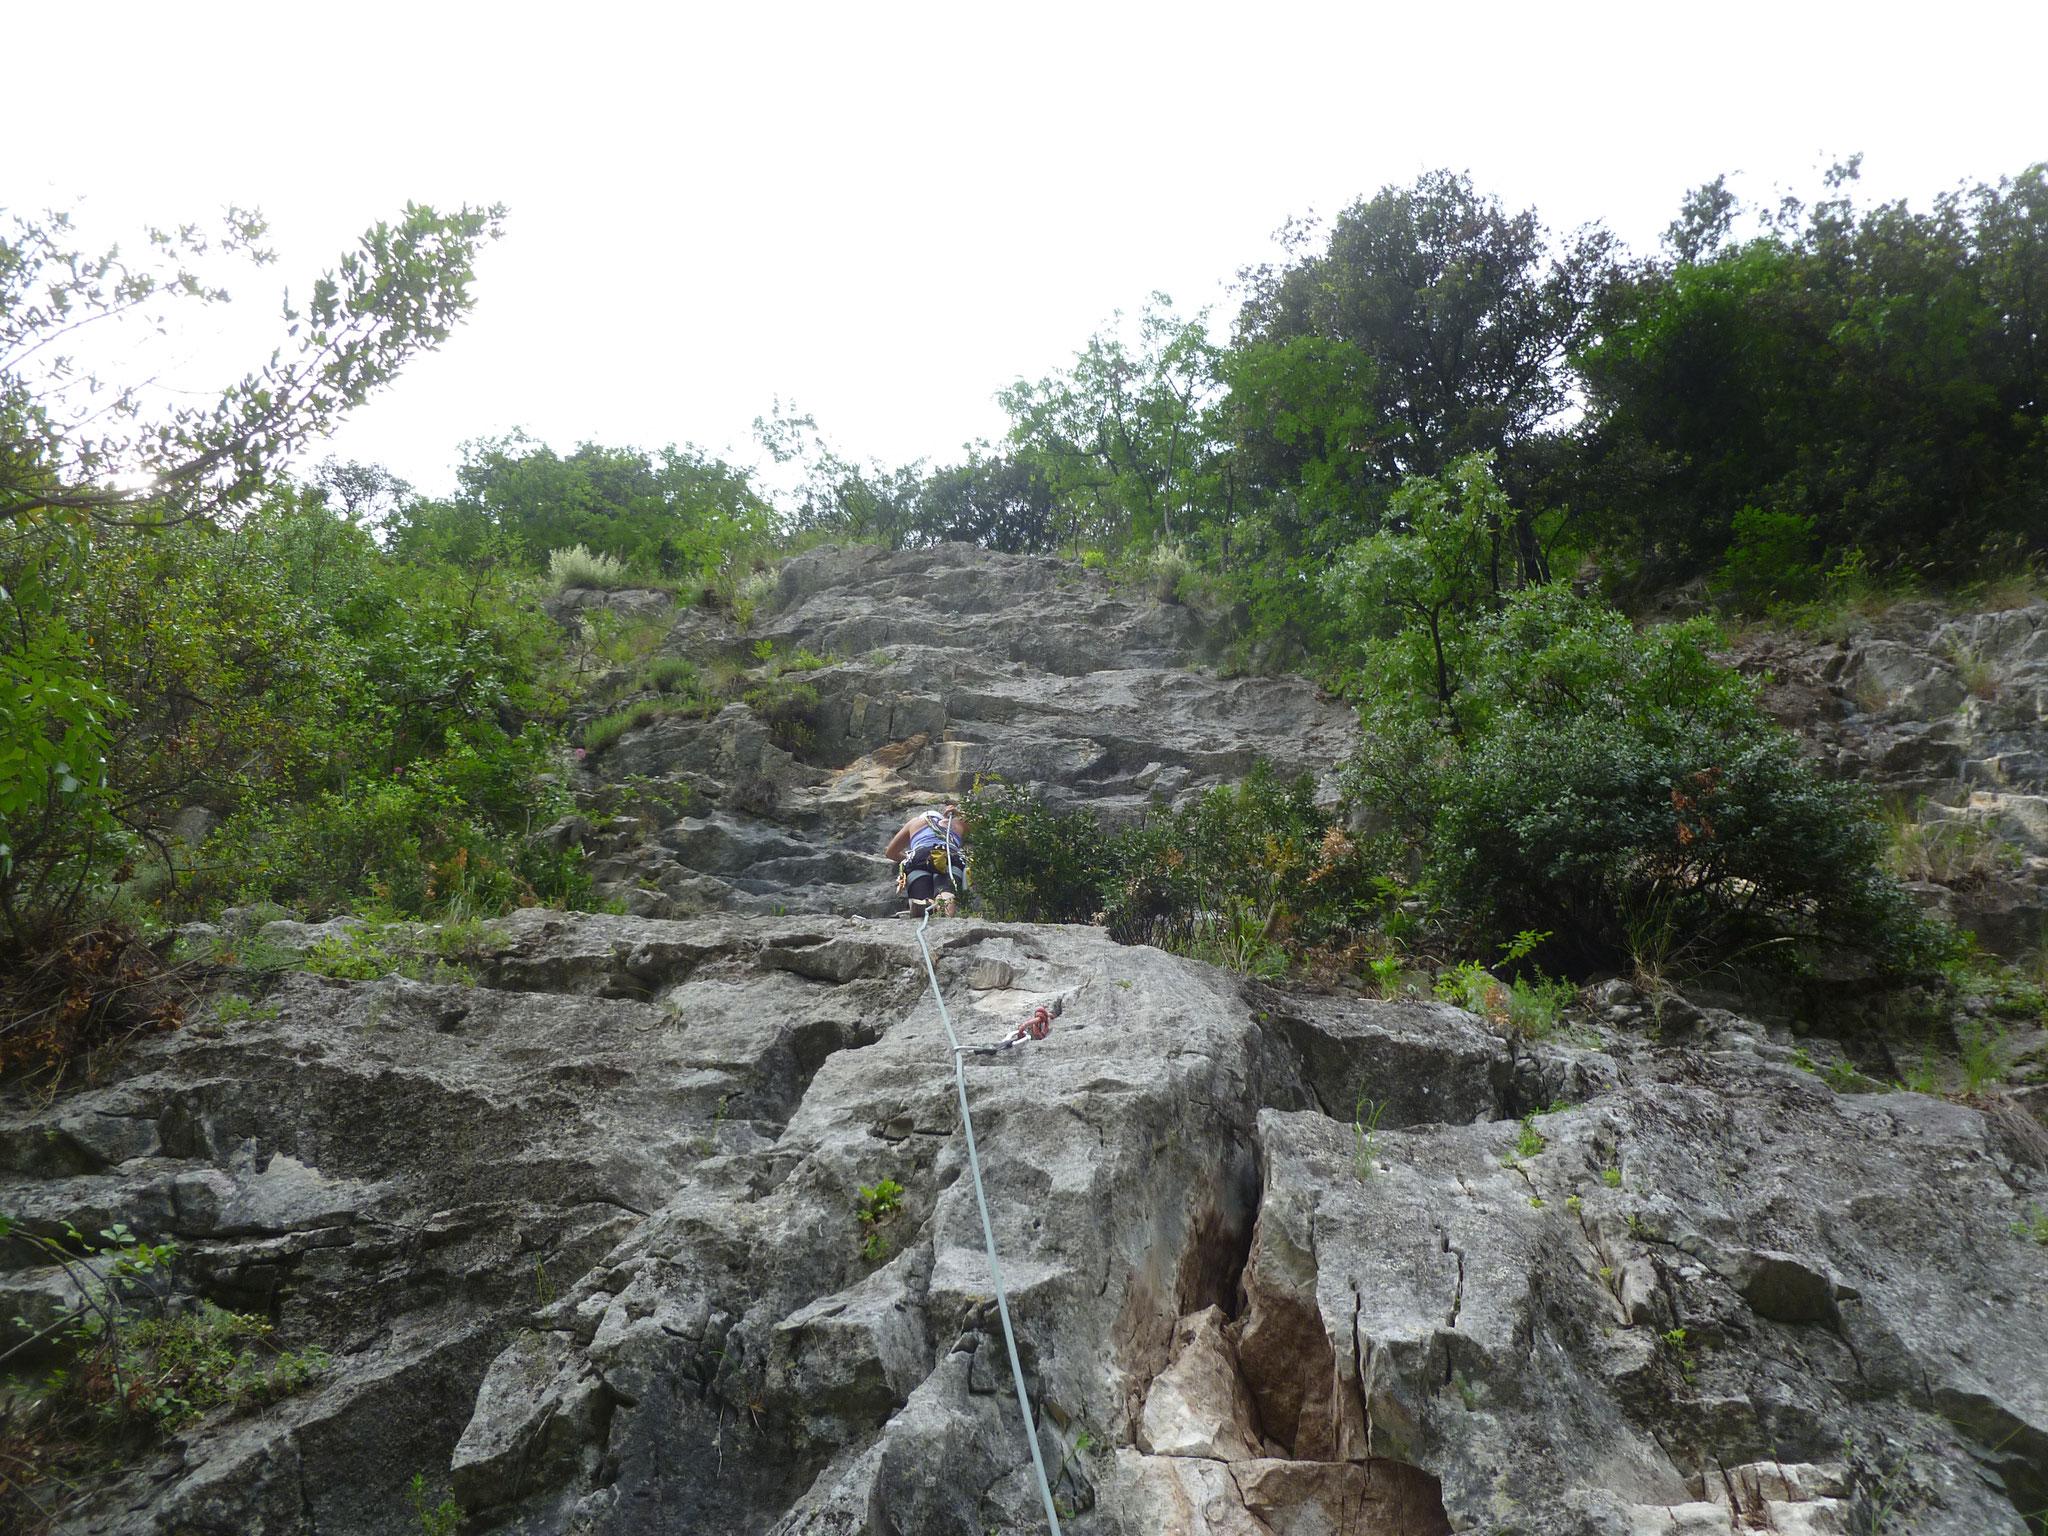 Zweite Länge: anhaltend steil